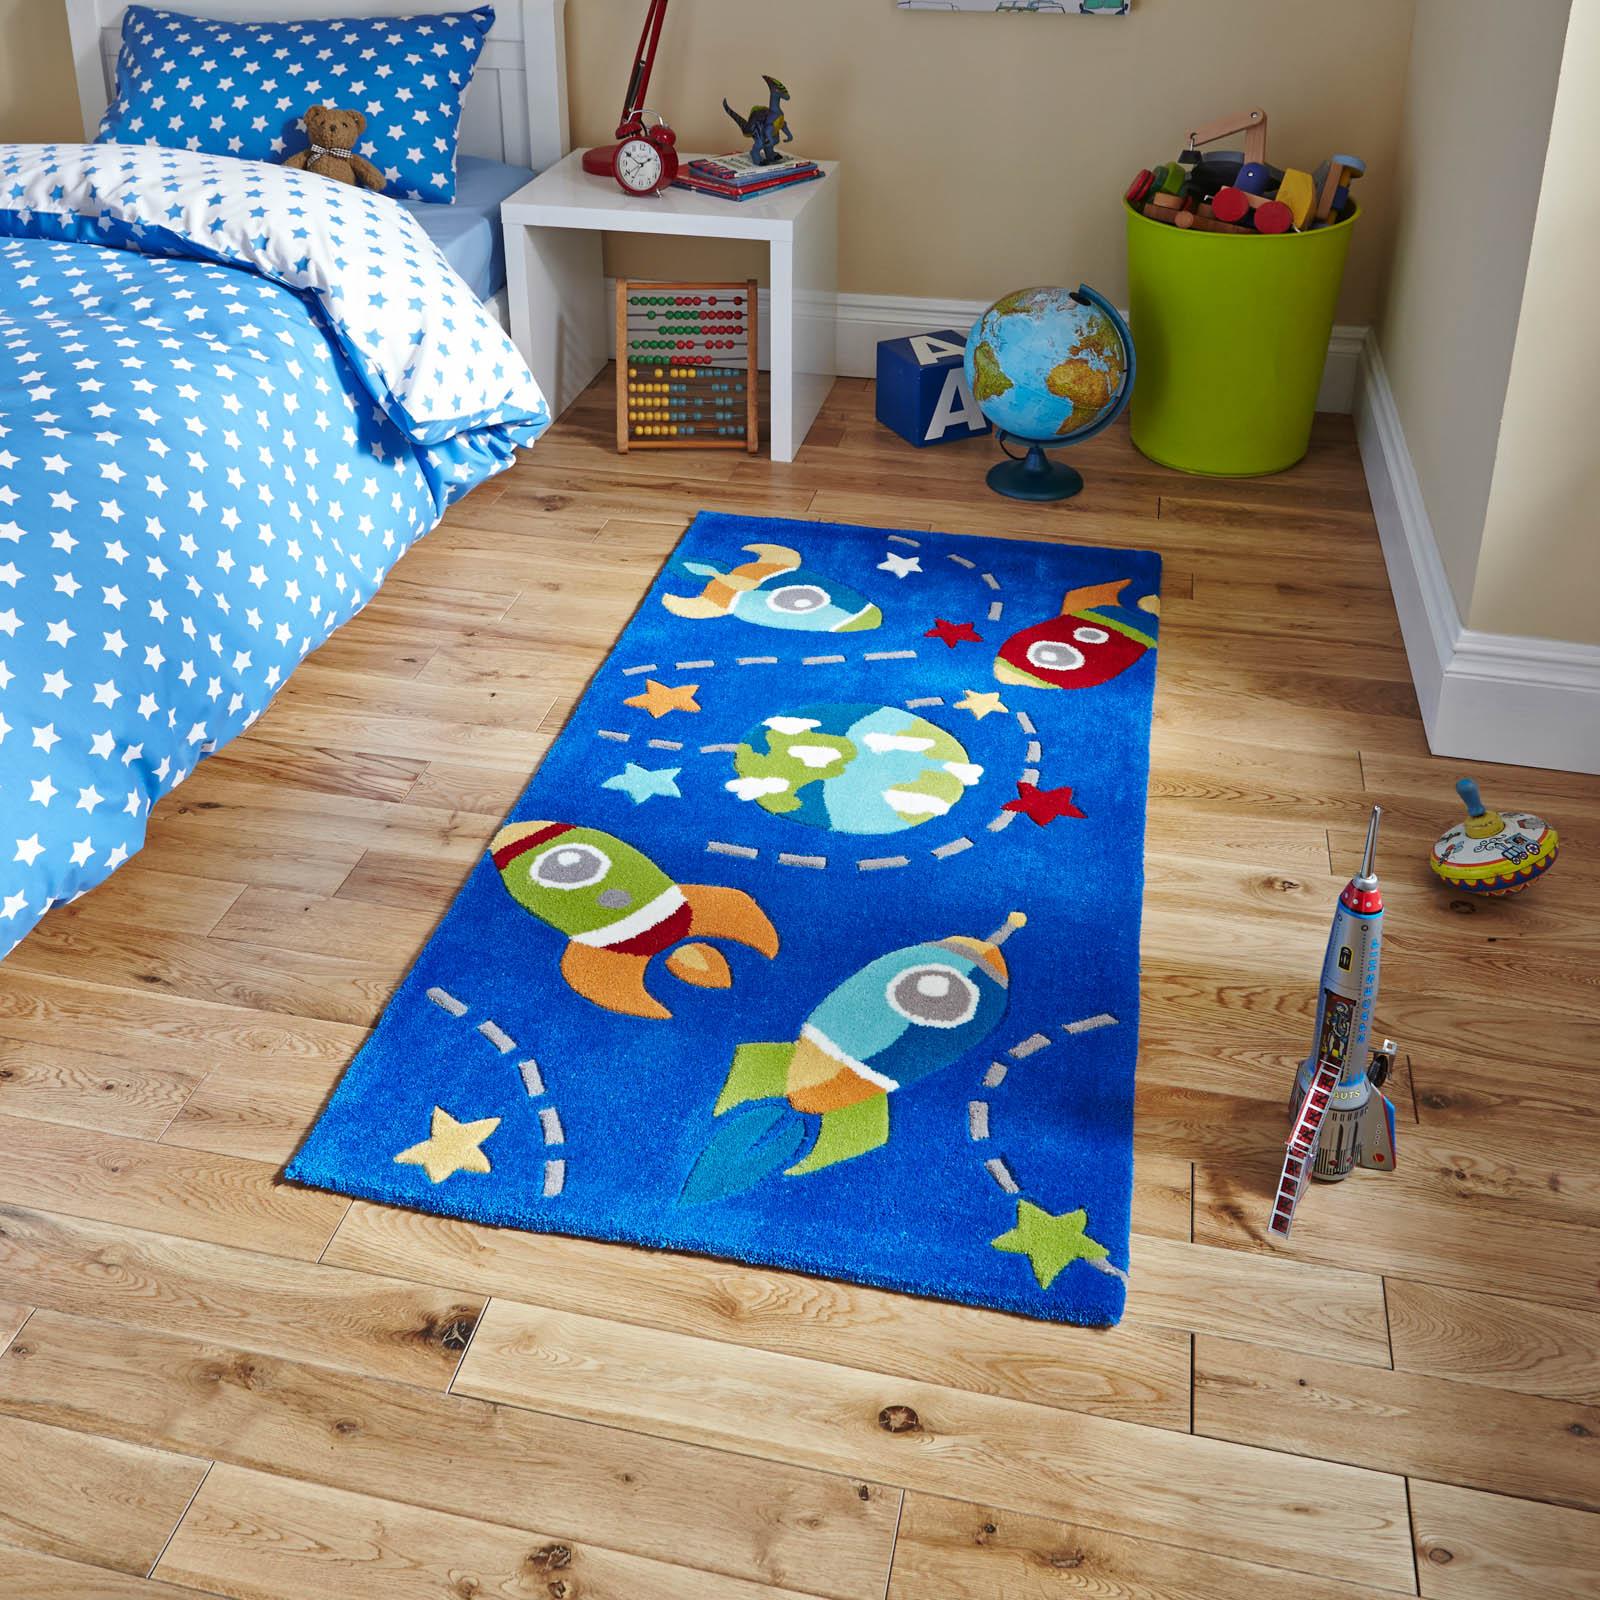 Kids Bedroom Rugs Uk childrens bedroom rugs uk ~ piazzesi